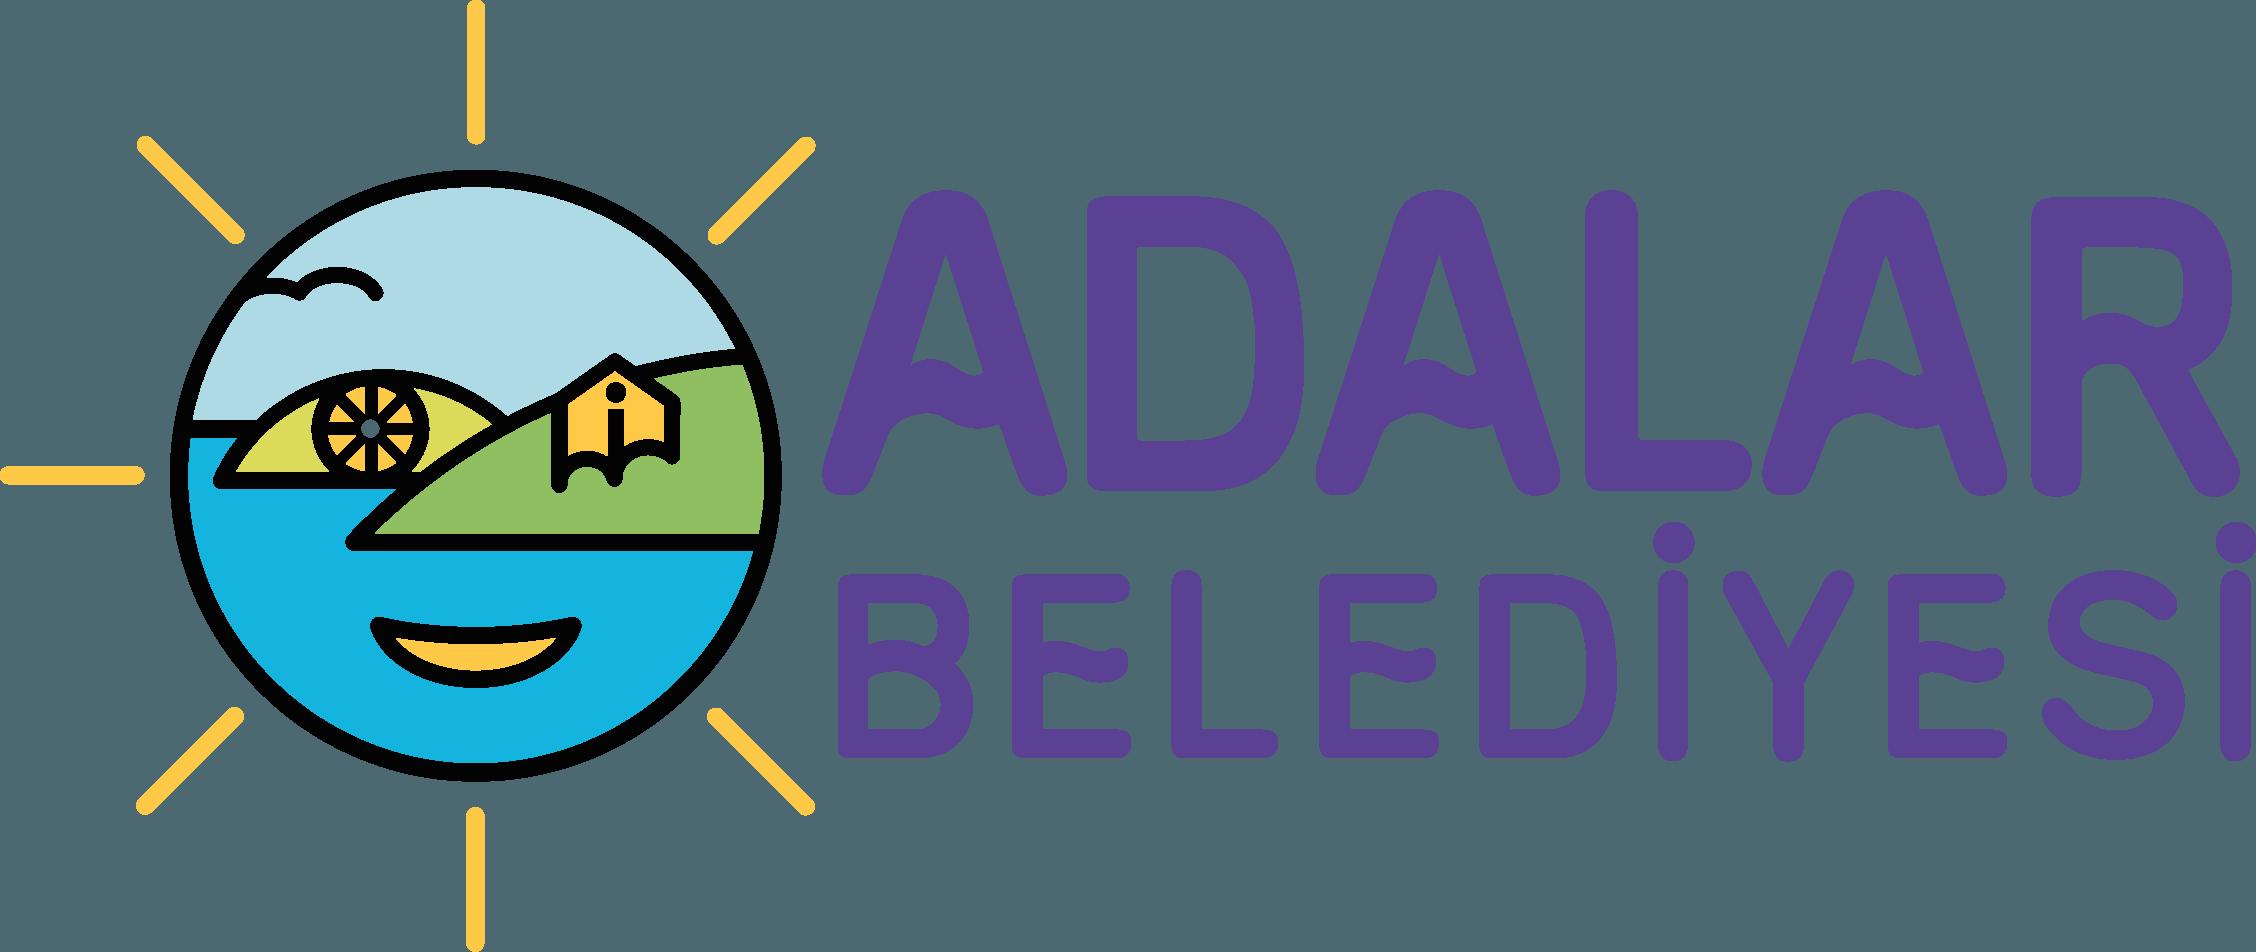 Adalar Belediyesi Logo png